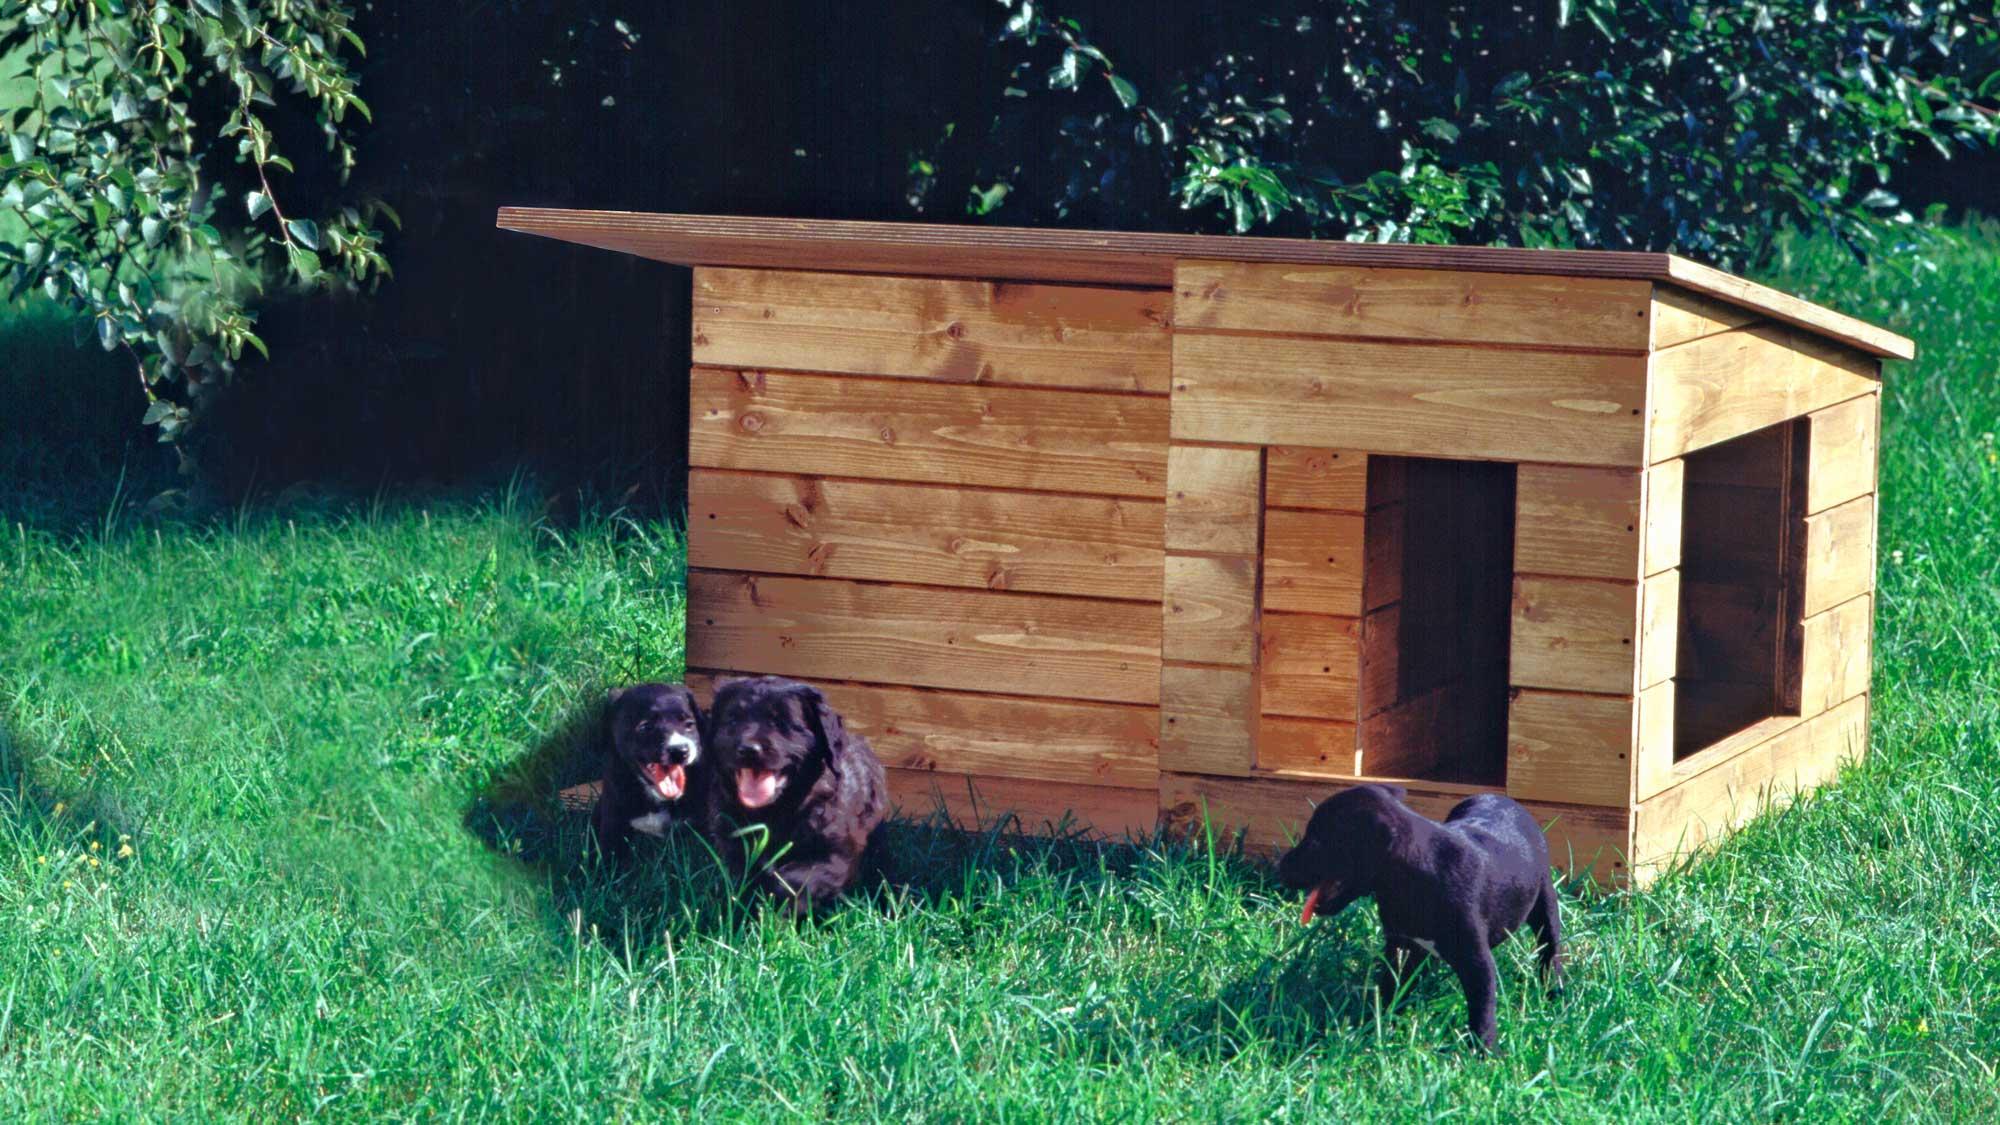 Cuccia in legno fai da te con isolamento e ventilazione | Come realizzarla